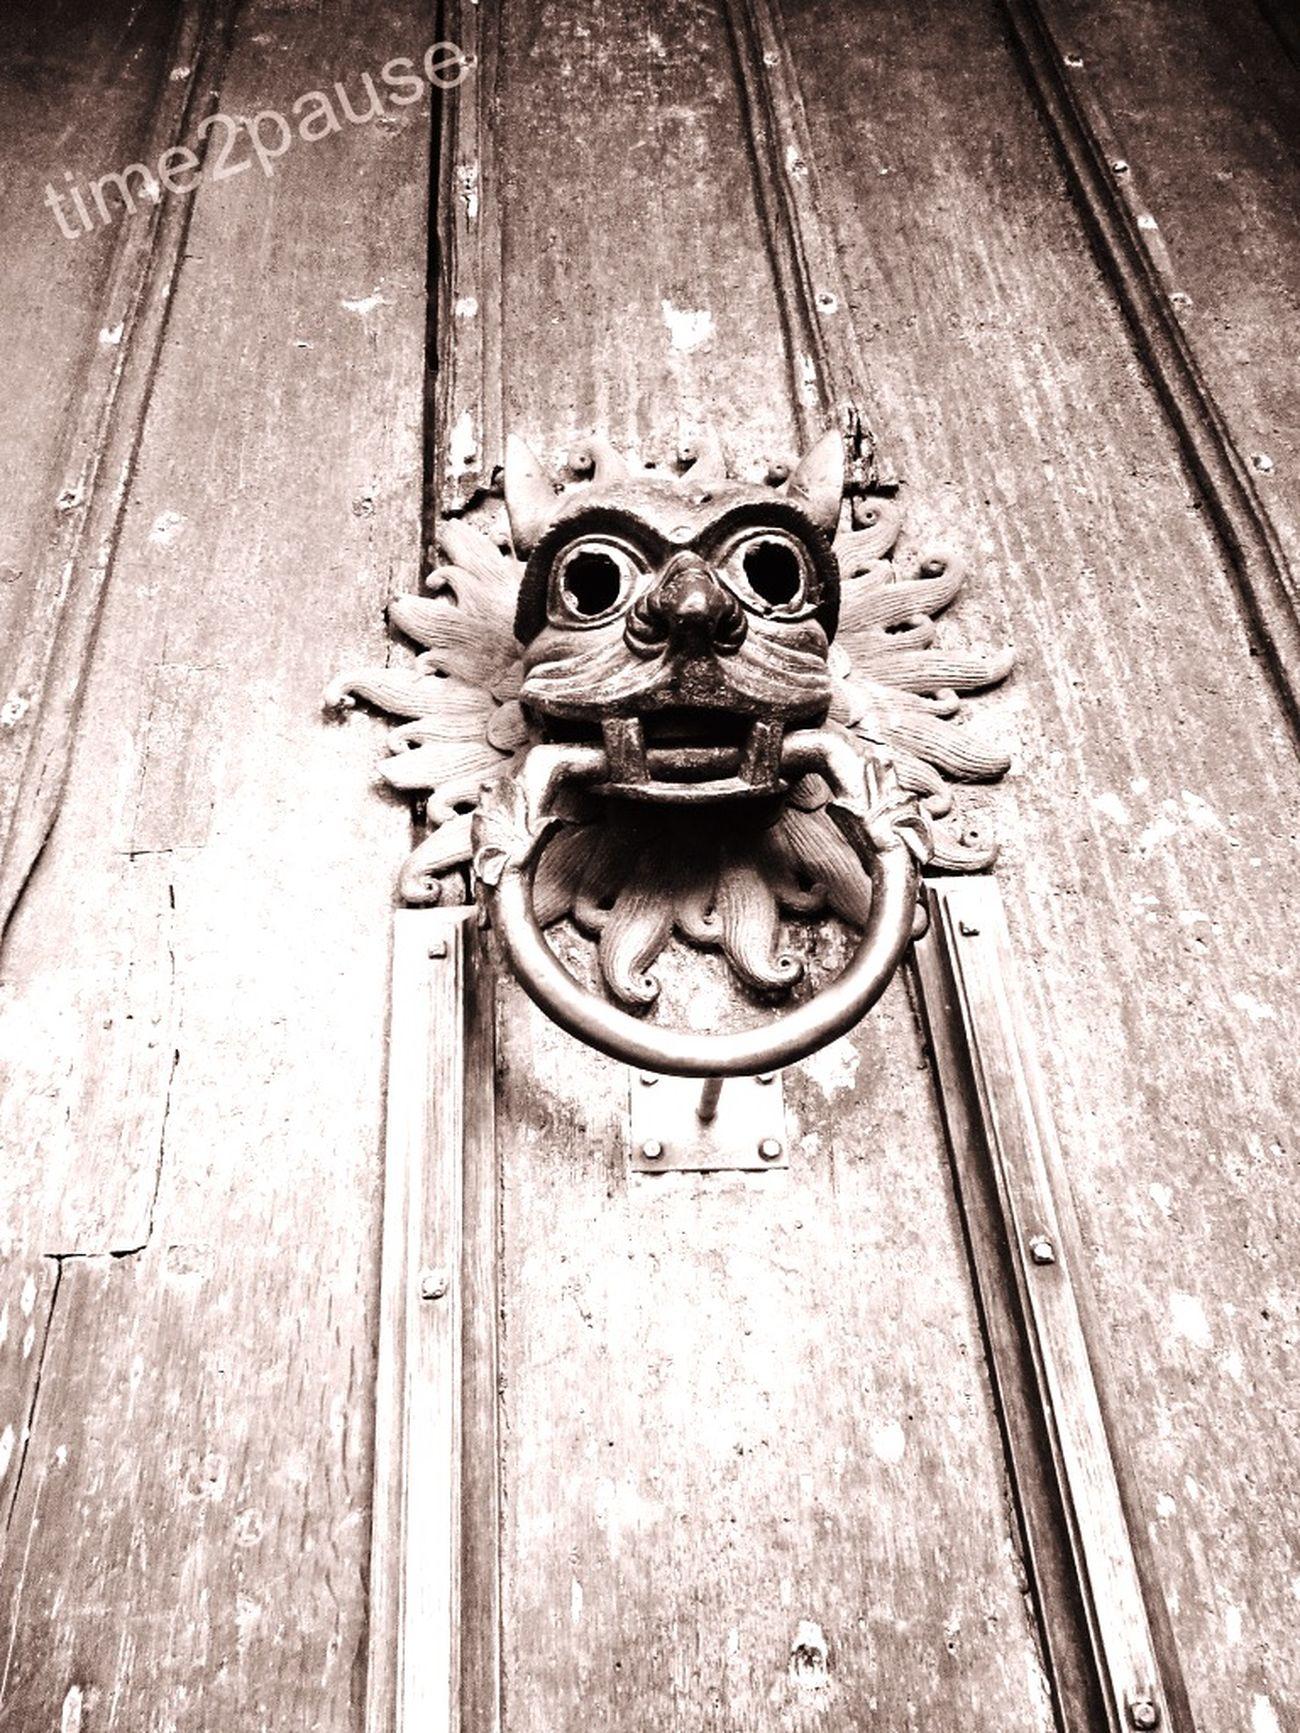 Durham Cathedral door knocke Cathedral Durham Northeast England NORTHEASTENGLAND Door Doorknocker Monochrome DurhamCathedral Blackandwhite